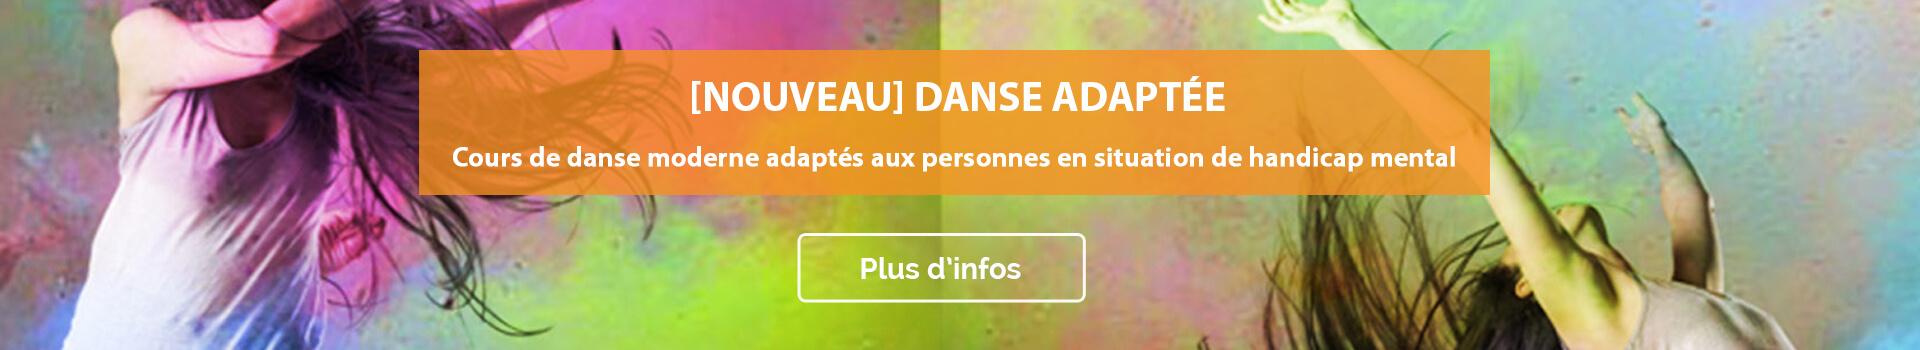 bandeau_danse-adaptee_27092017_V2